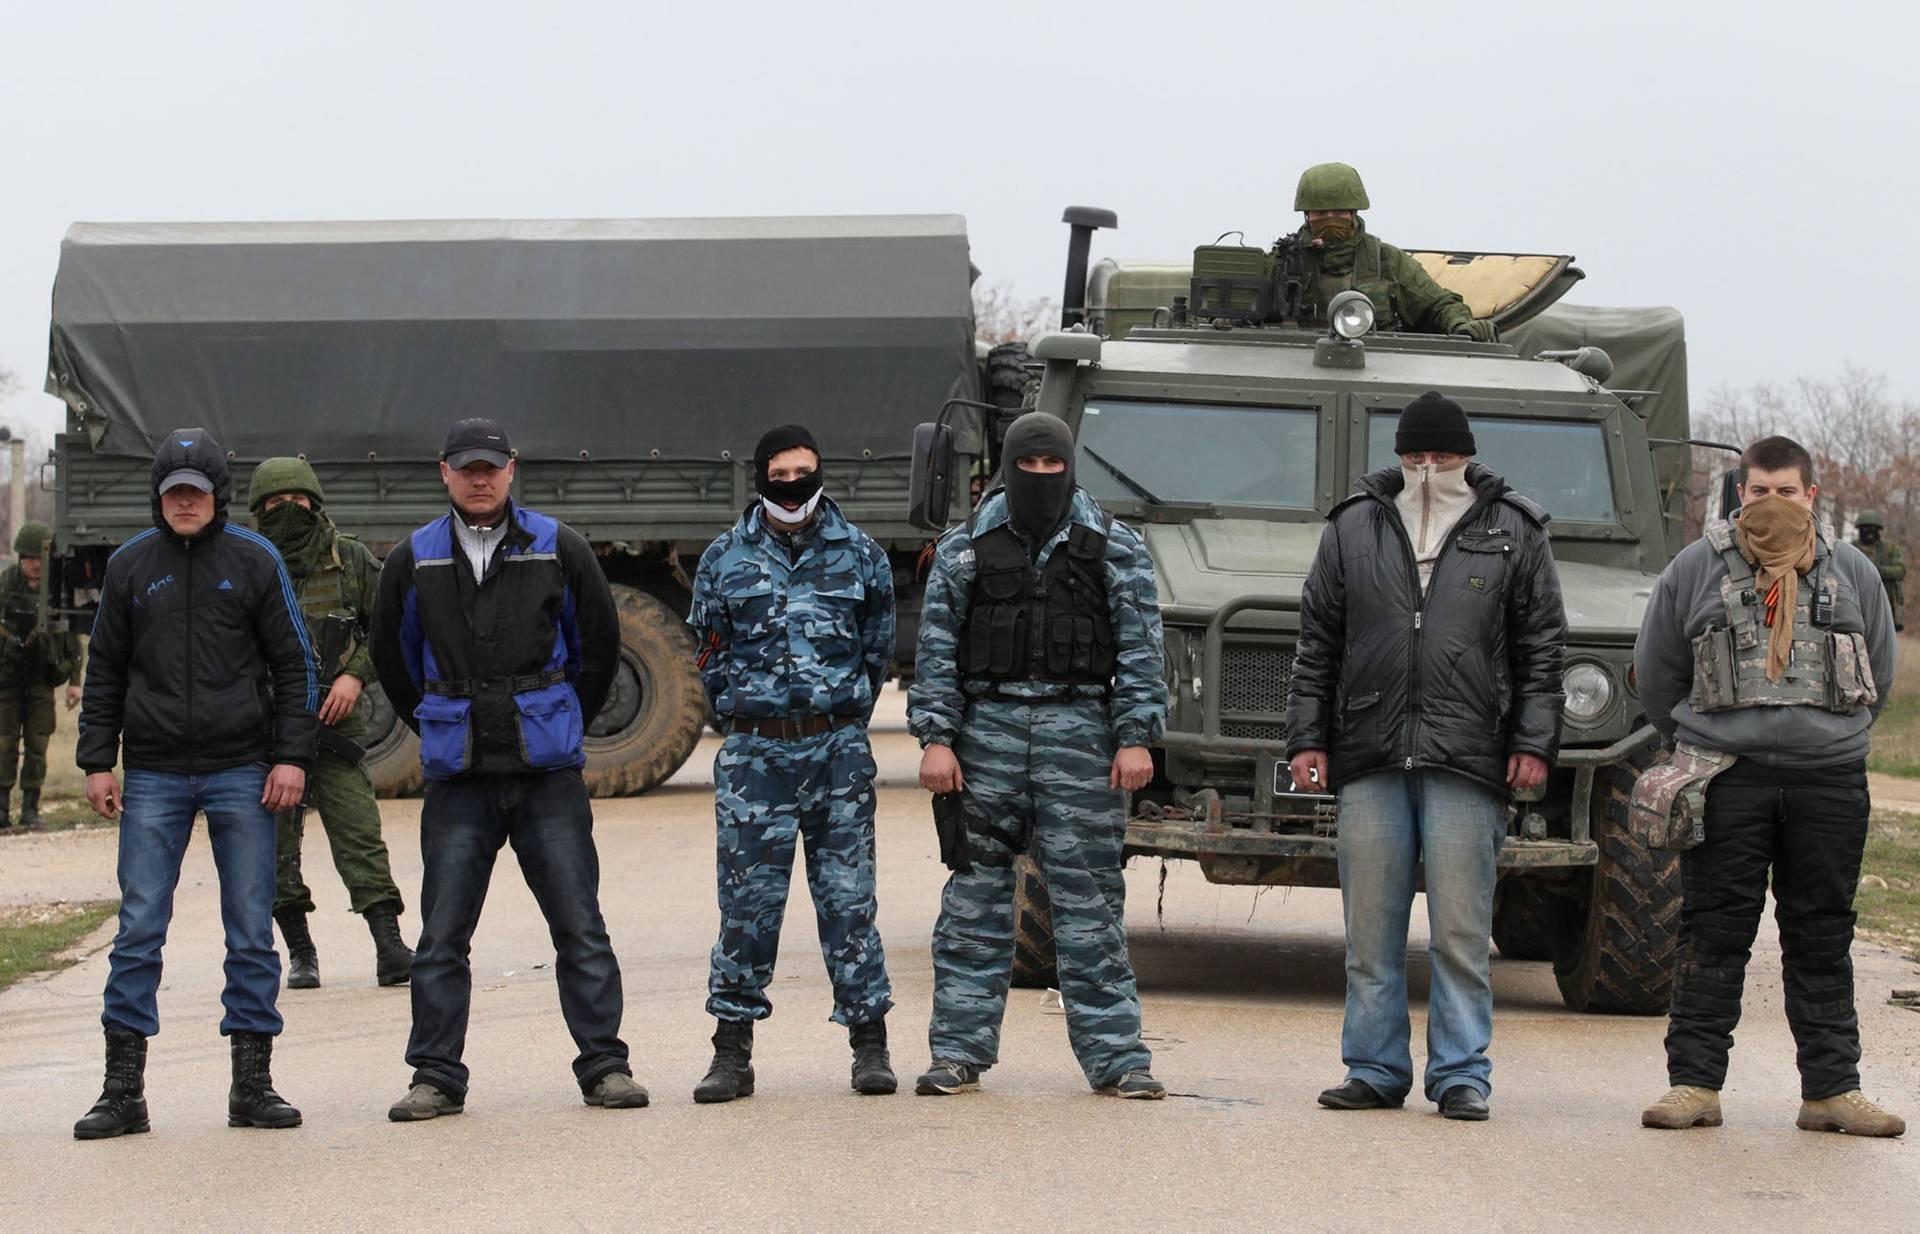 Російські військові та члени «самооборони» заблокували проїзд до української військової частини у Бельбеку неподалік Севастополя, Крим, 4 березня 2014 року